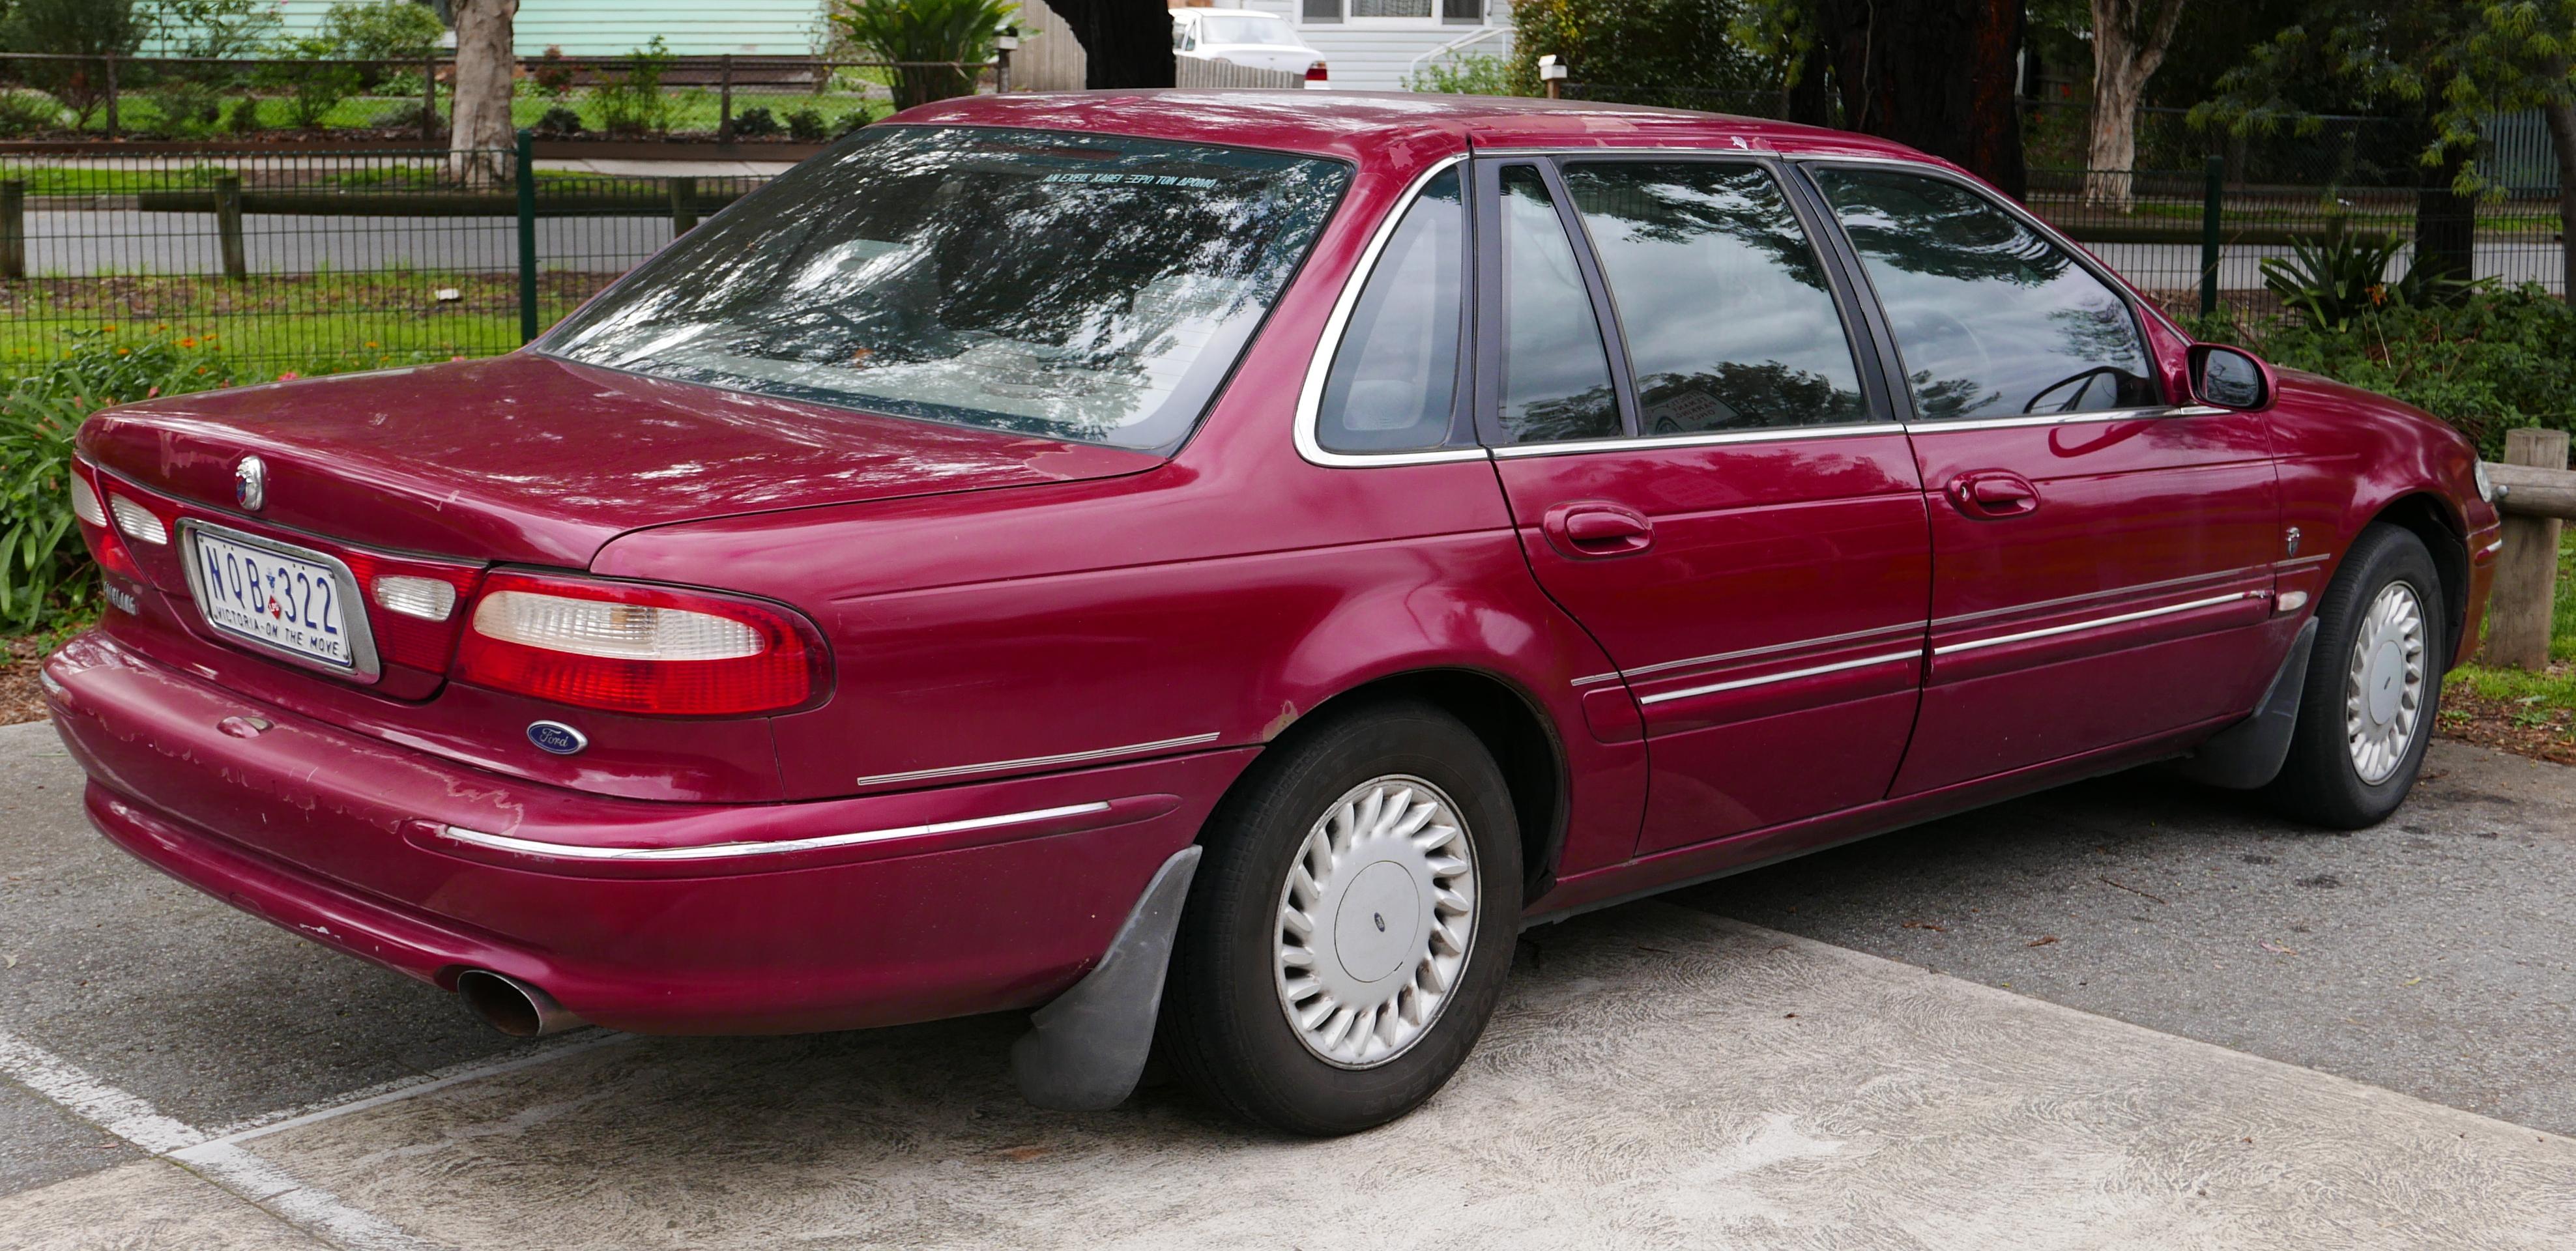 File:1995 Ford Fairlane (NF II) Ghia sedan (2015-05-